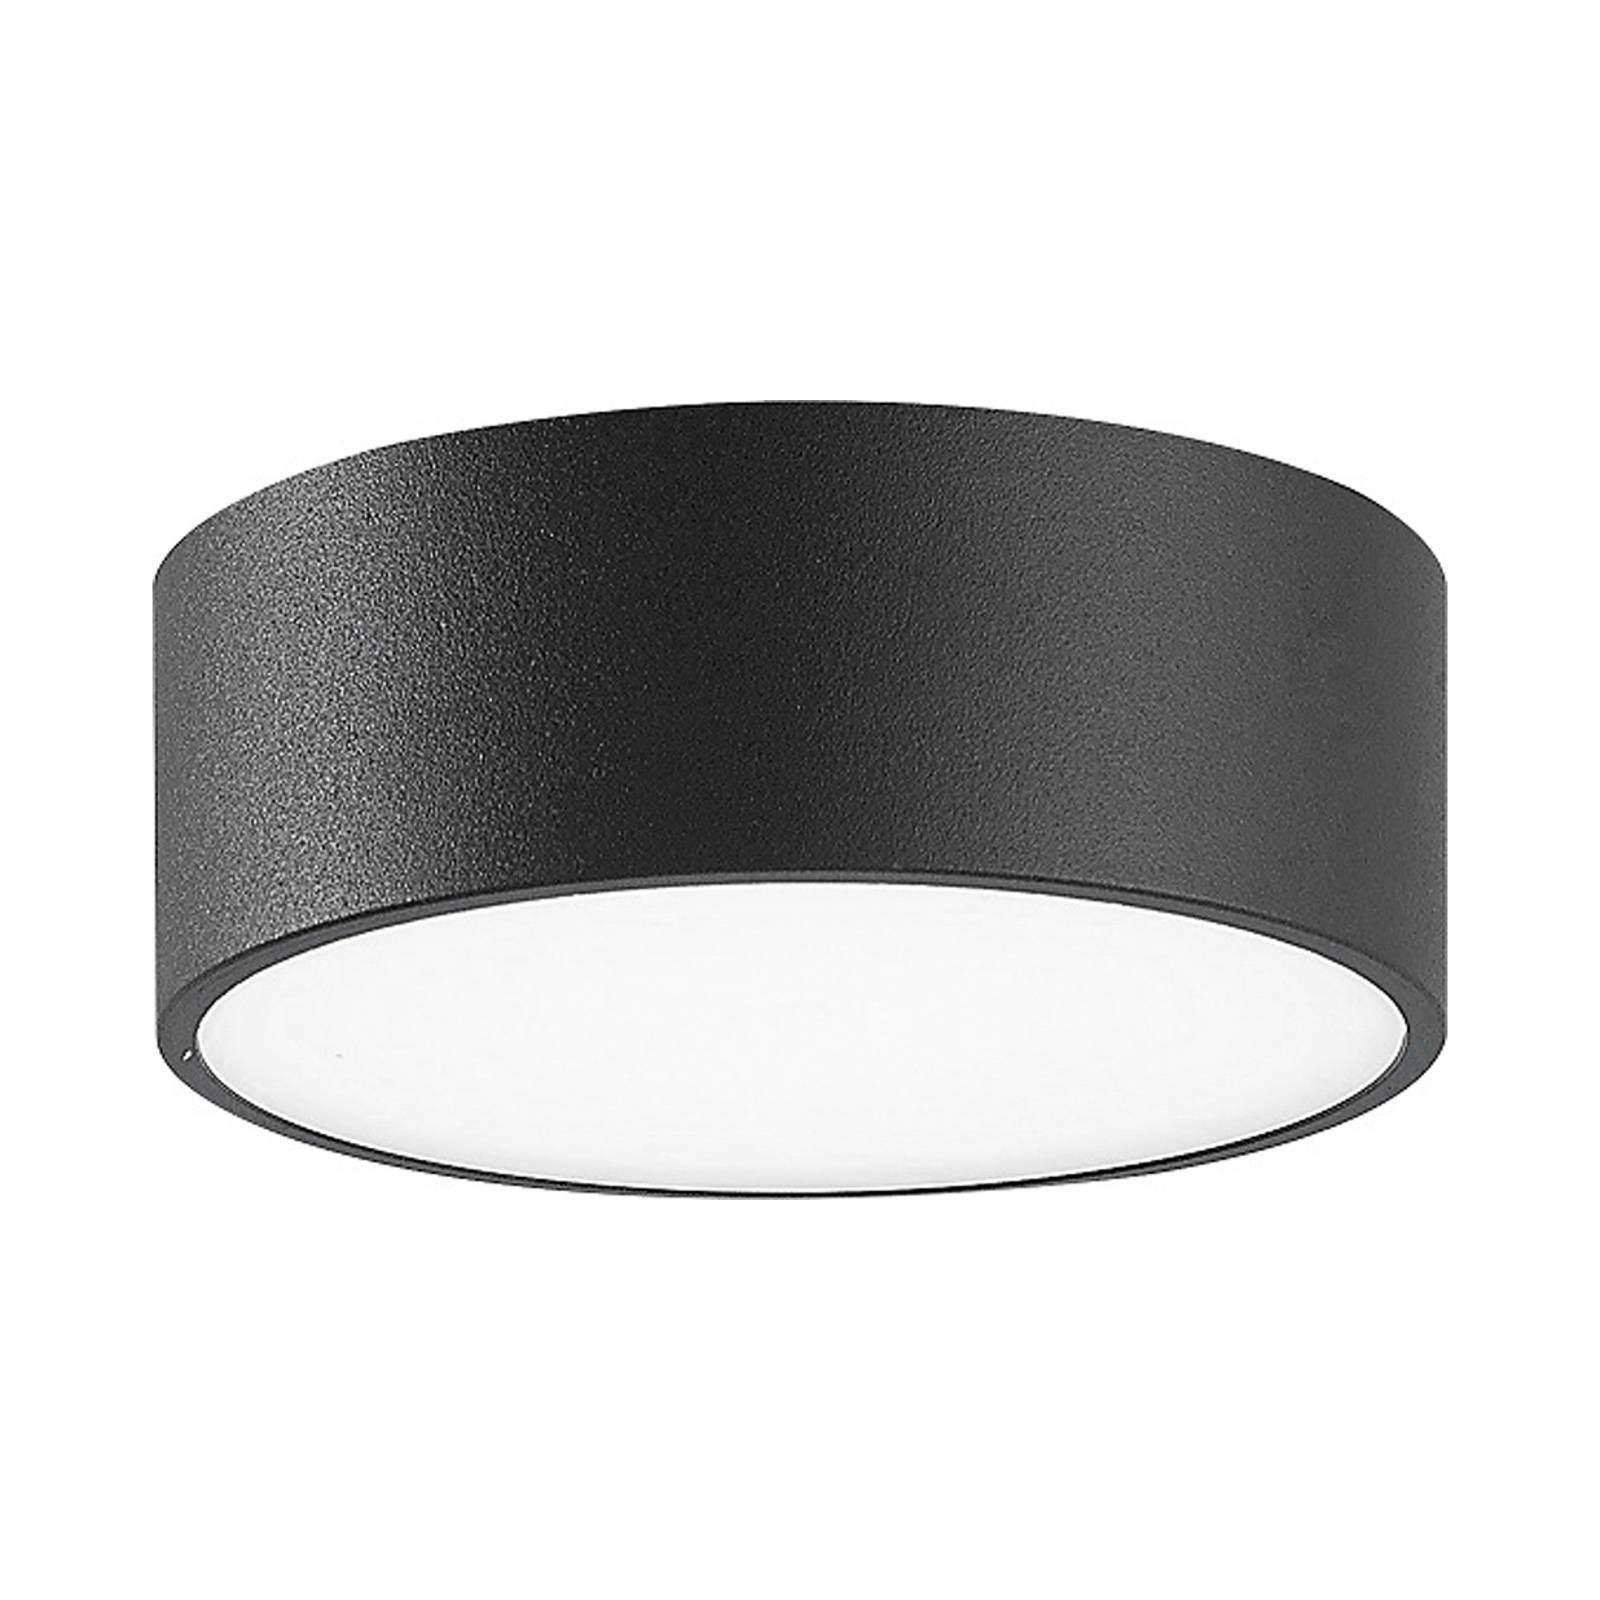 LED-Außenleuchte CMD 9025, Ø 15 cm